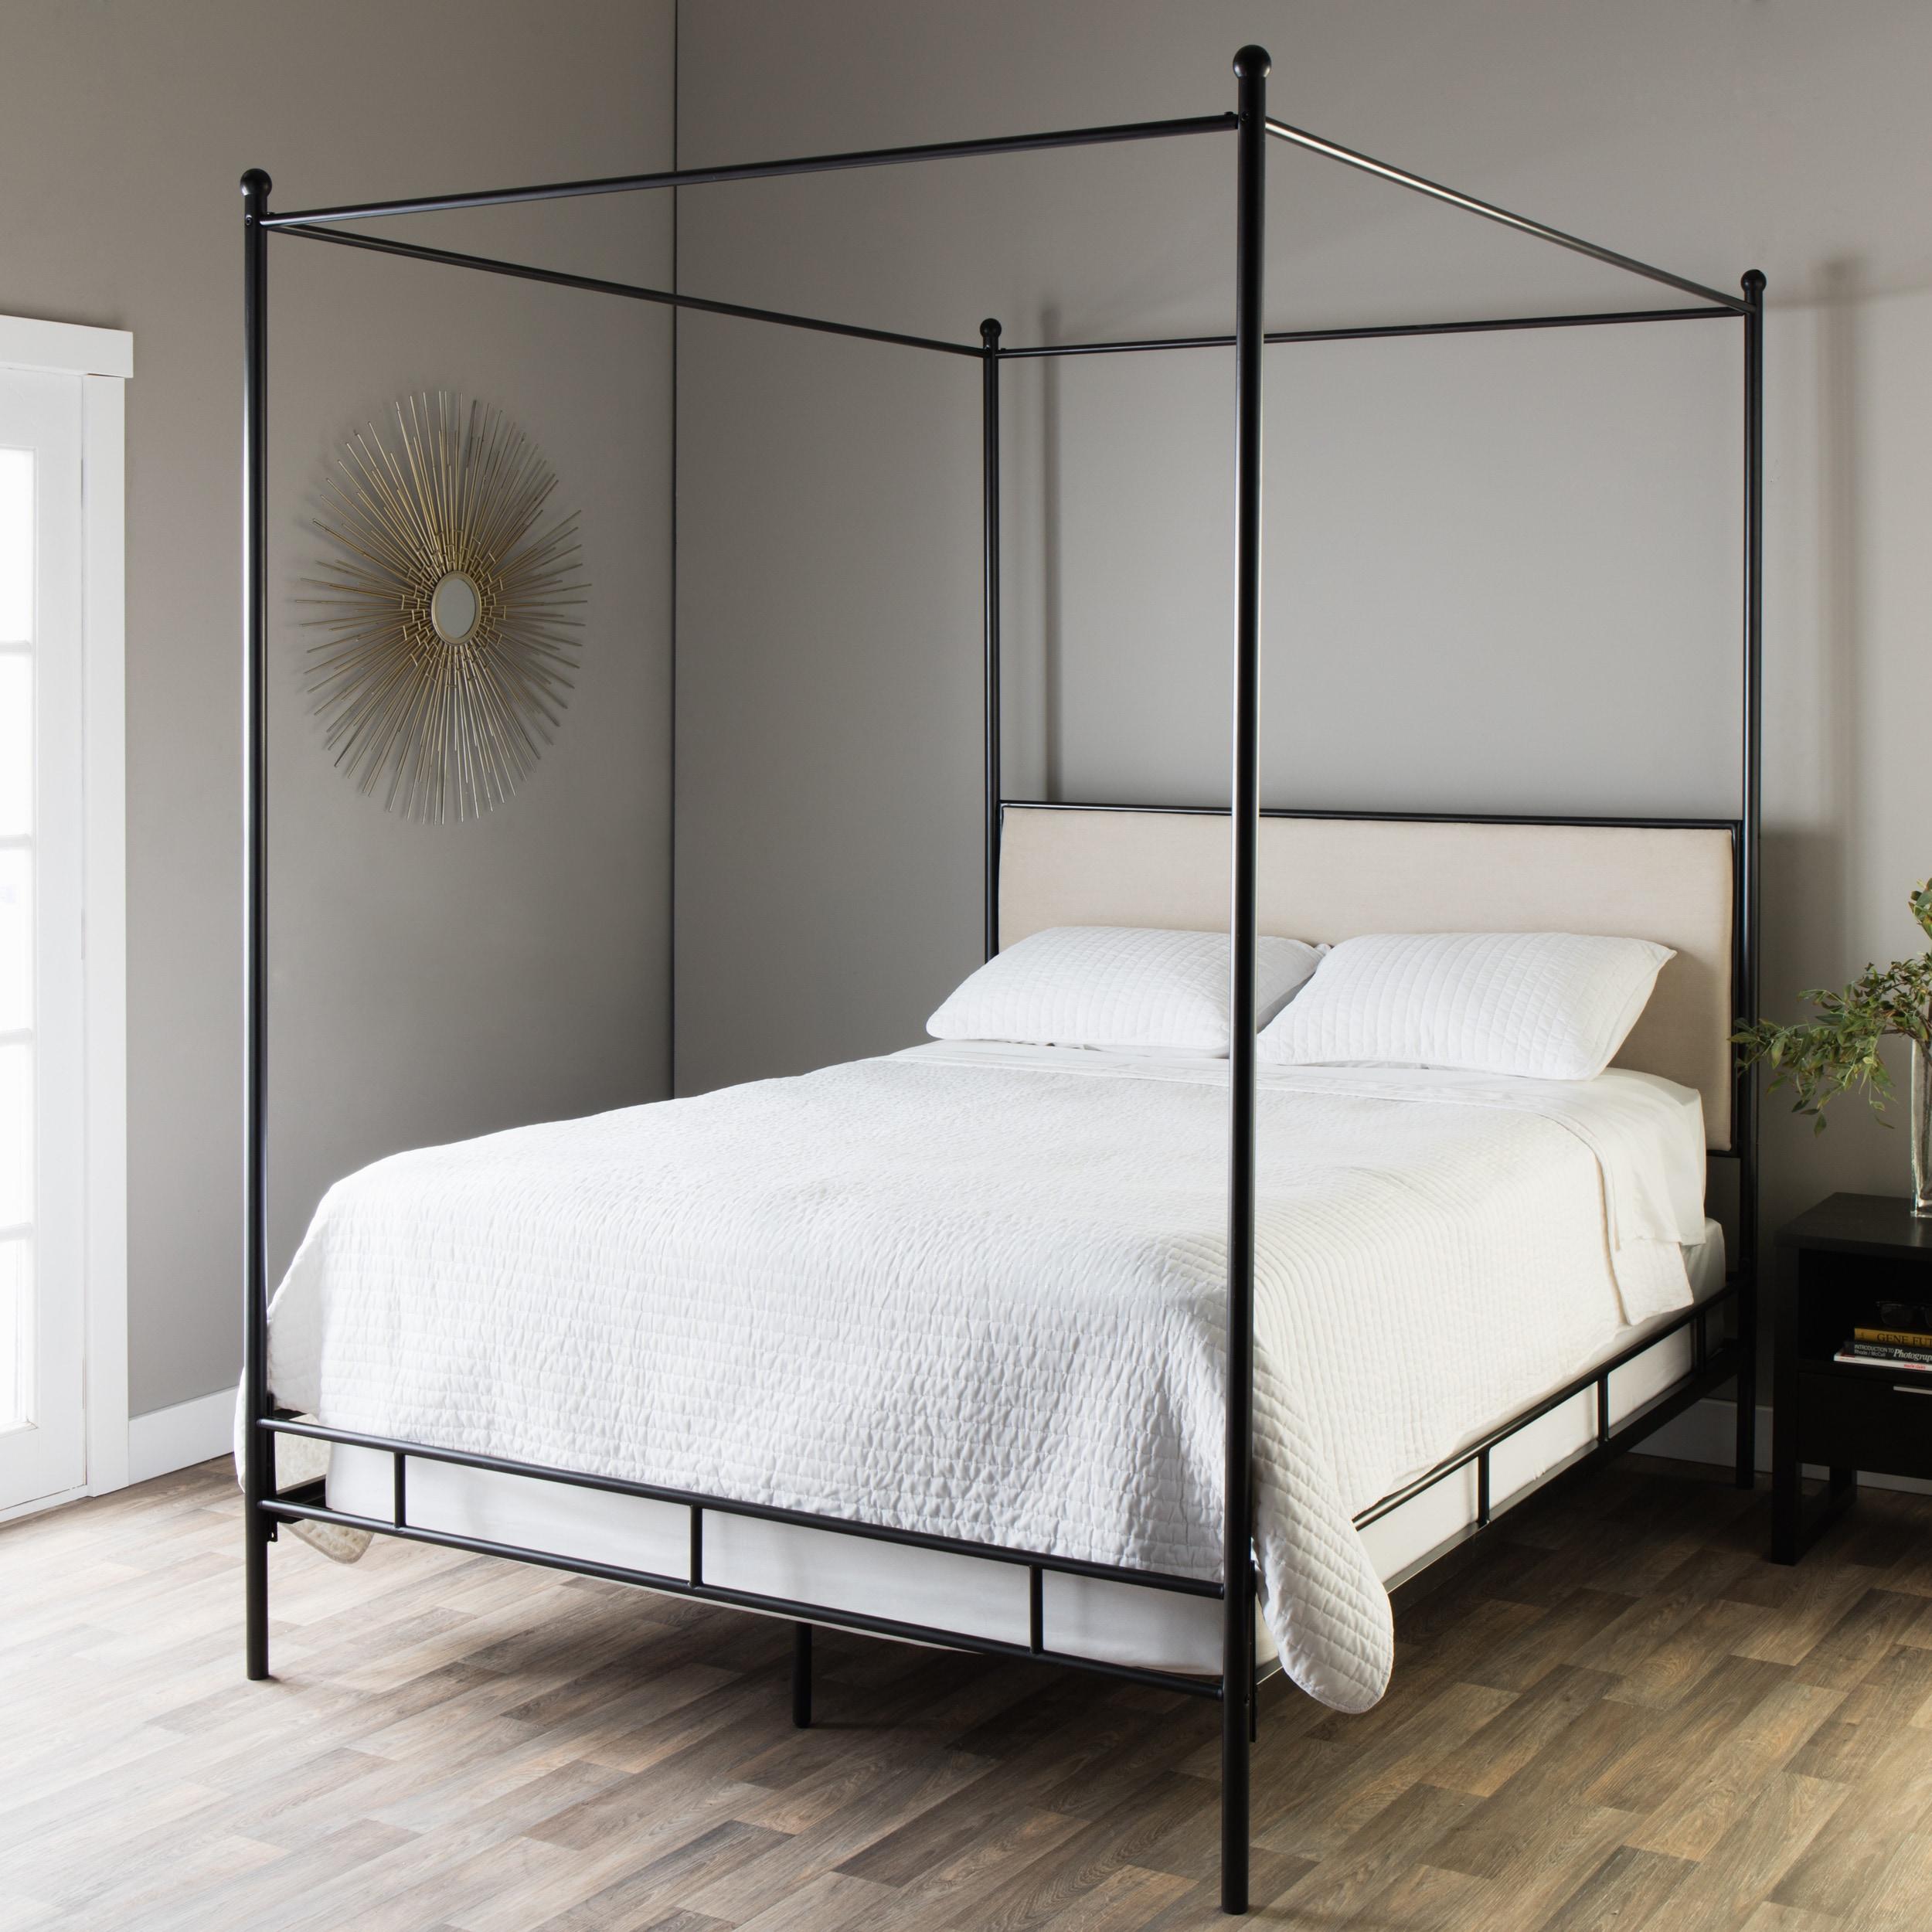 Lauren Upholstered Queen Size Canopy Bed